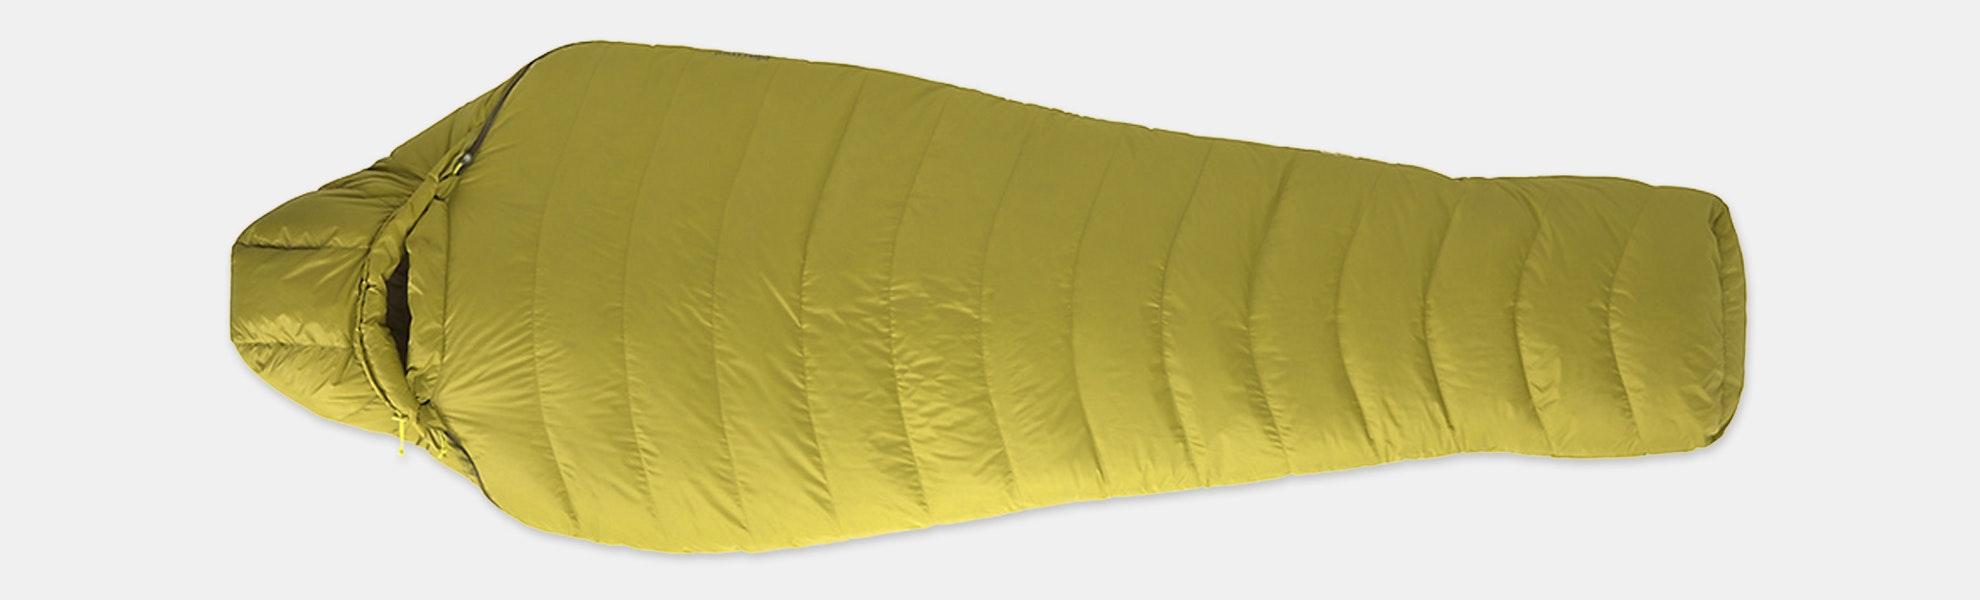 Marmot 800fp Down Sleeping Bags